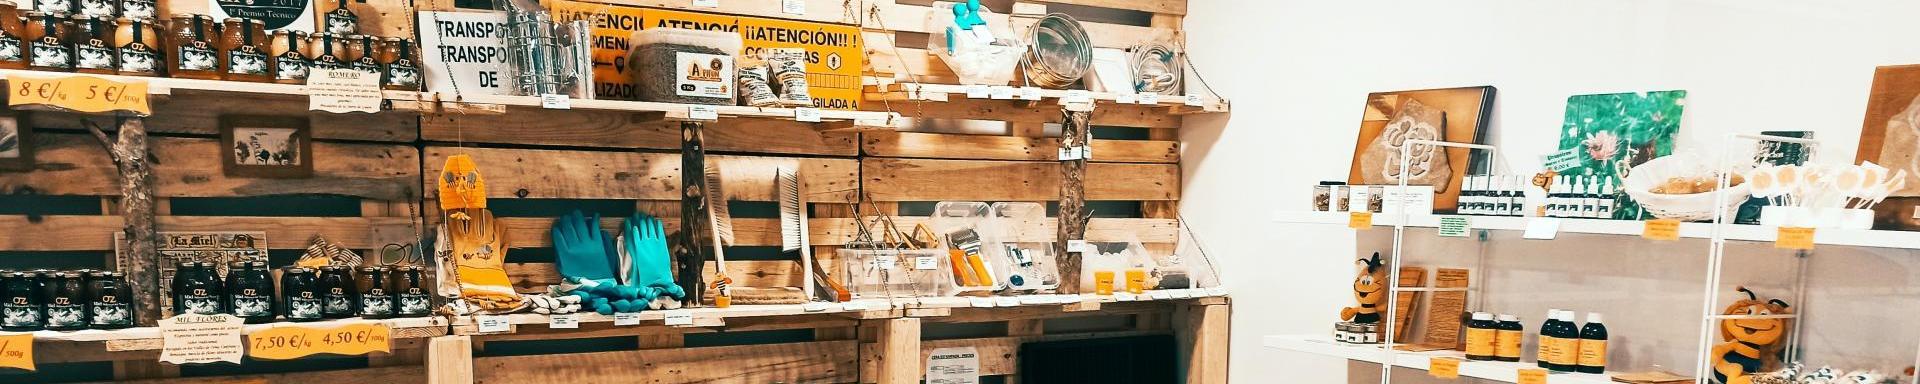 Abrimos nuestra nueva tienda en Huesca